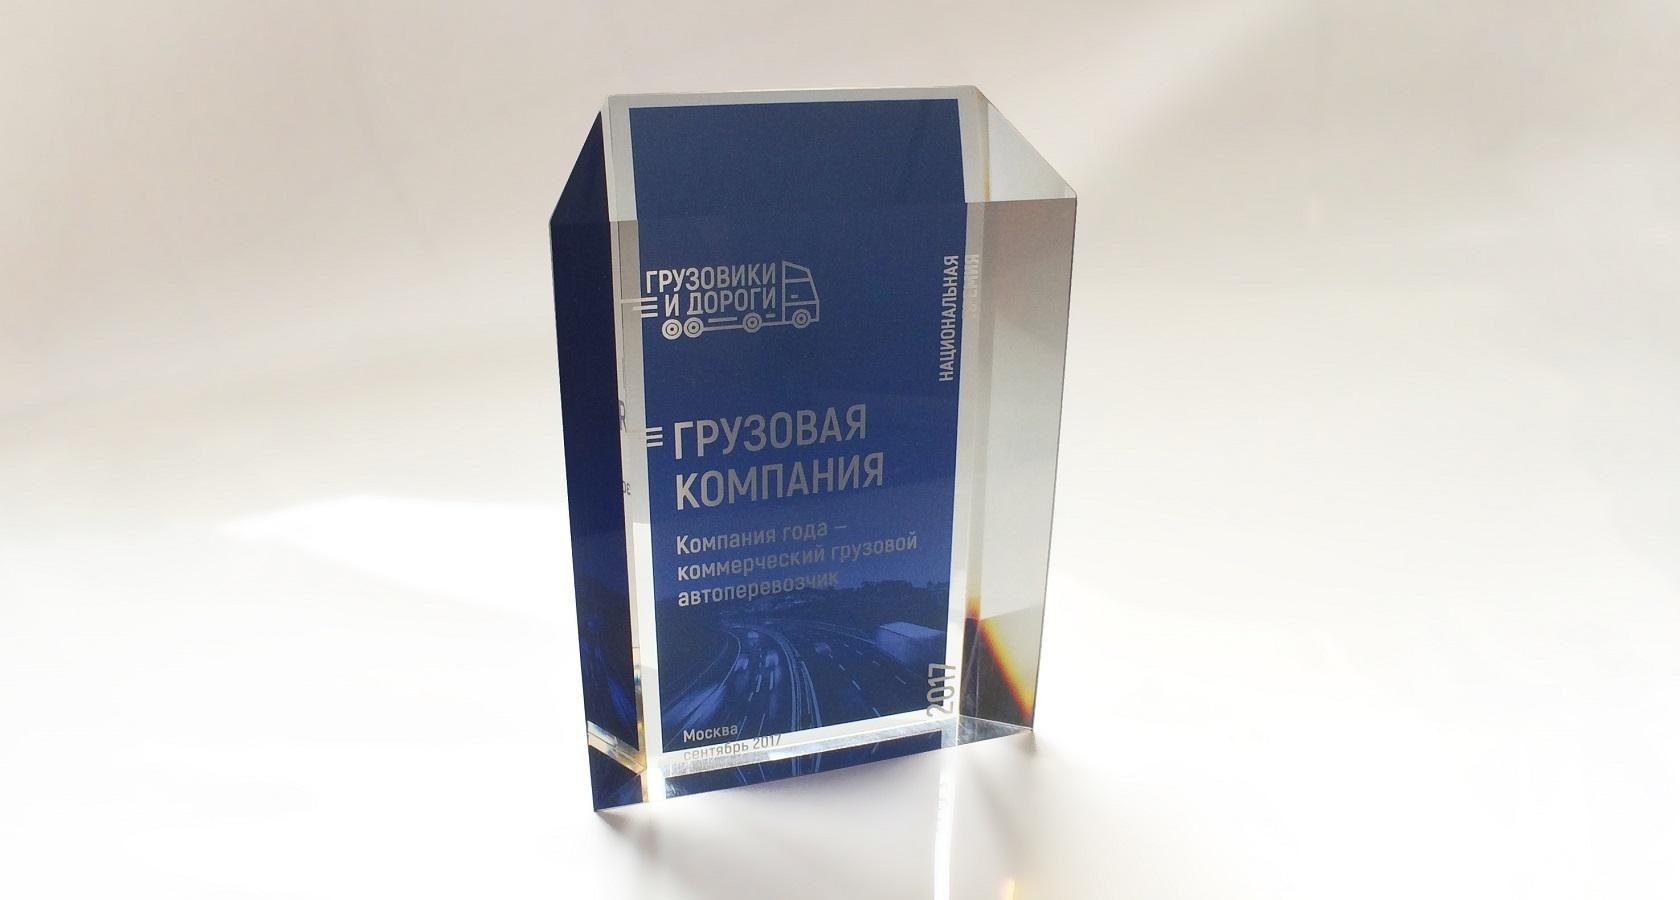 В семи номинациях Национальной премии «Грузовики и дороги» было зарегистрировано 42 заявки (фото: ATO Events)